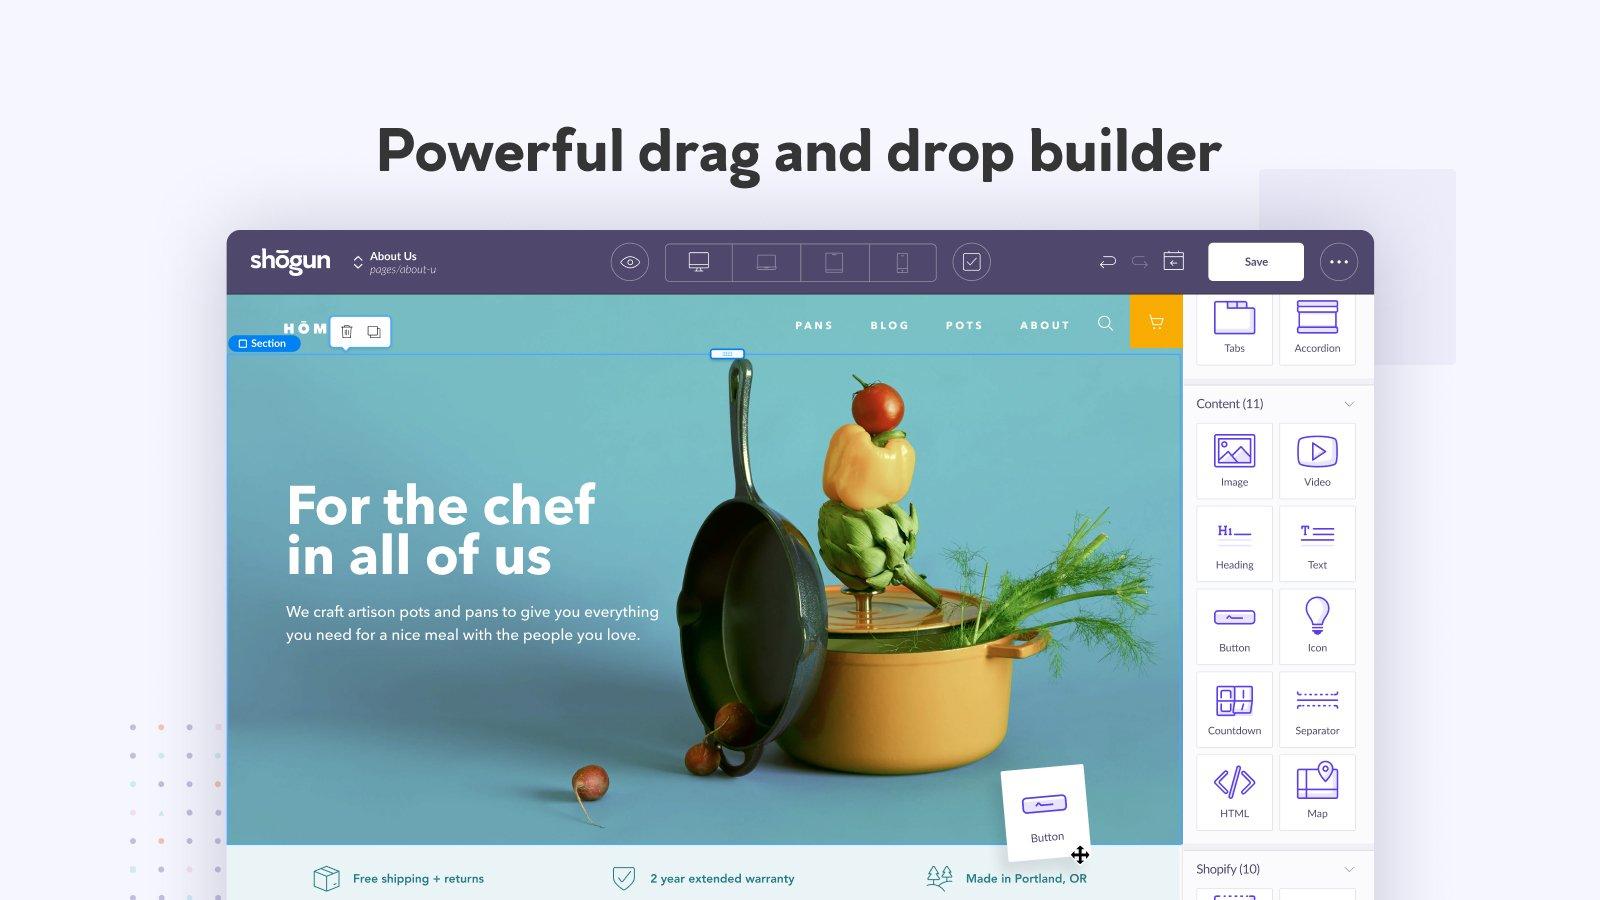 shogun landing page builder sample design